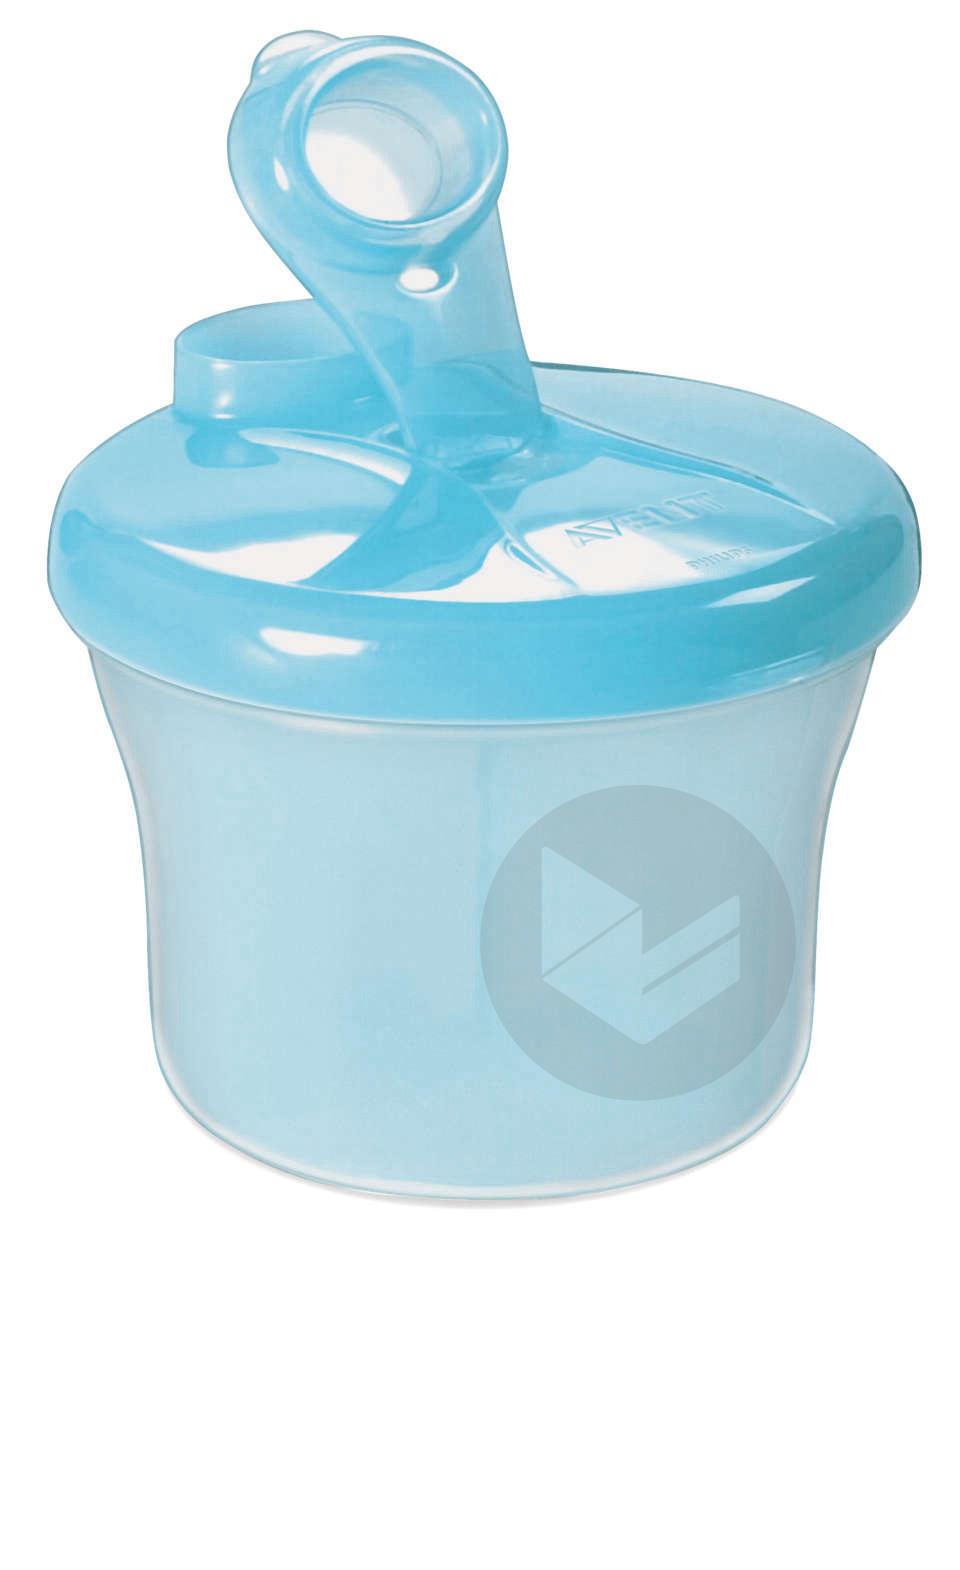 Doseur de lait en poudre Bleu